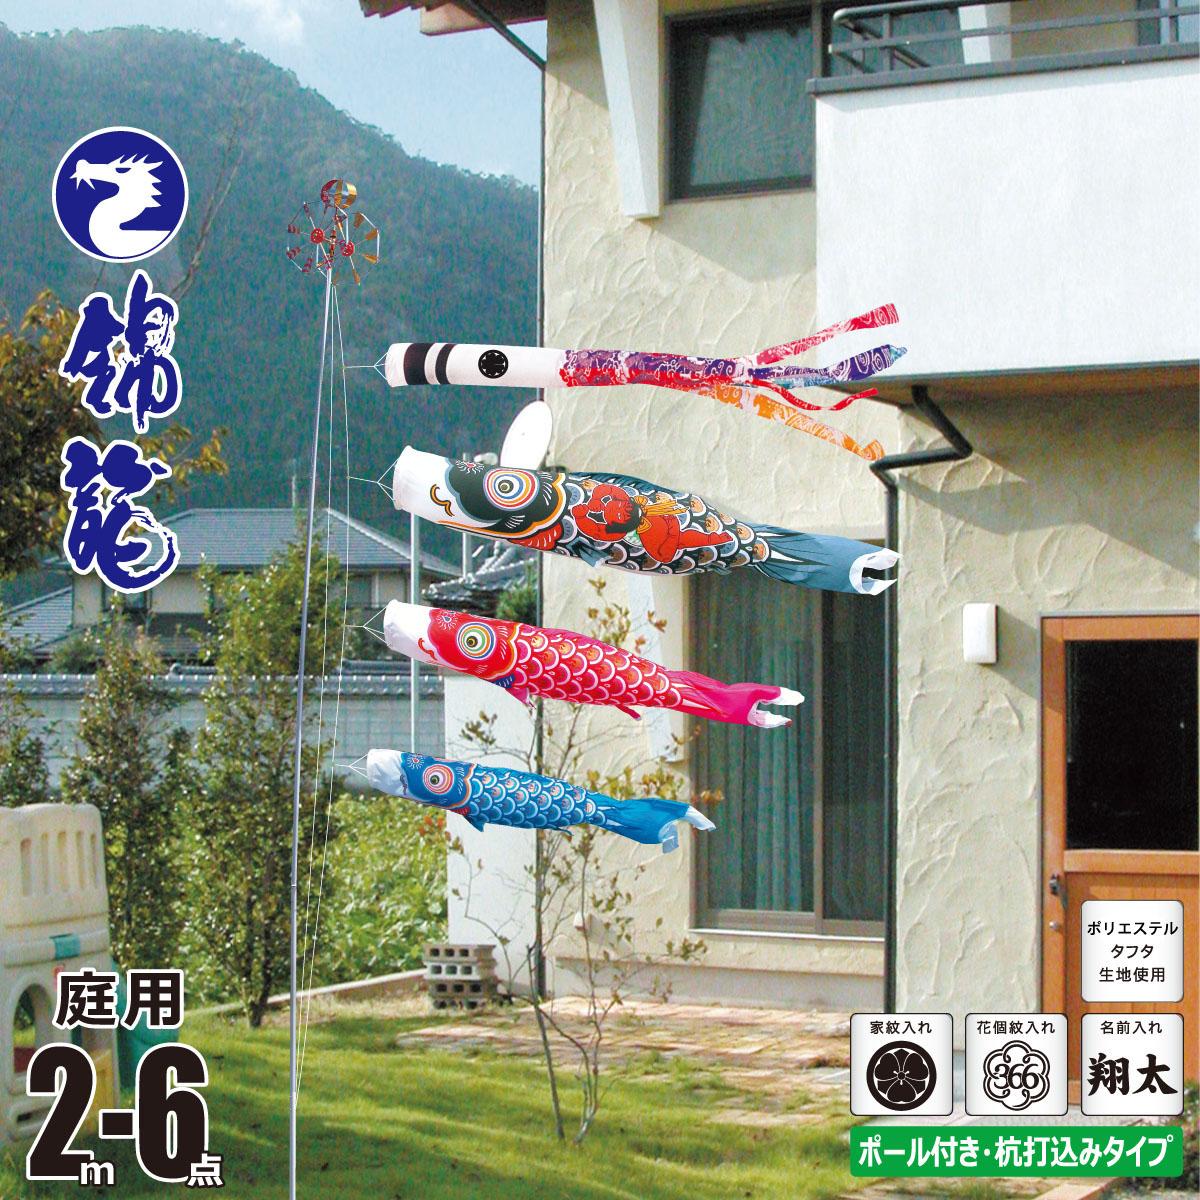 こいのぼり 2m 錦龍 6点 (矢車、ロープ、吹流し、鯉3匹) 庭園用 ガーデンセット (専用ポール一式) 徳永鯉のぼり KIT-118-700